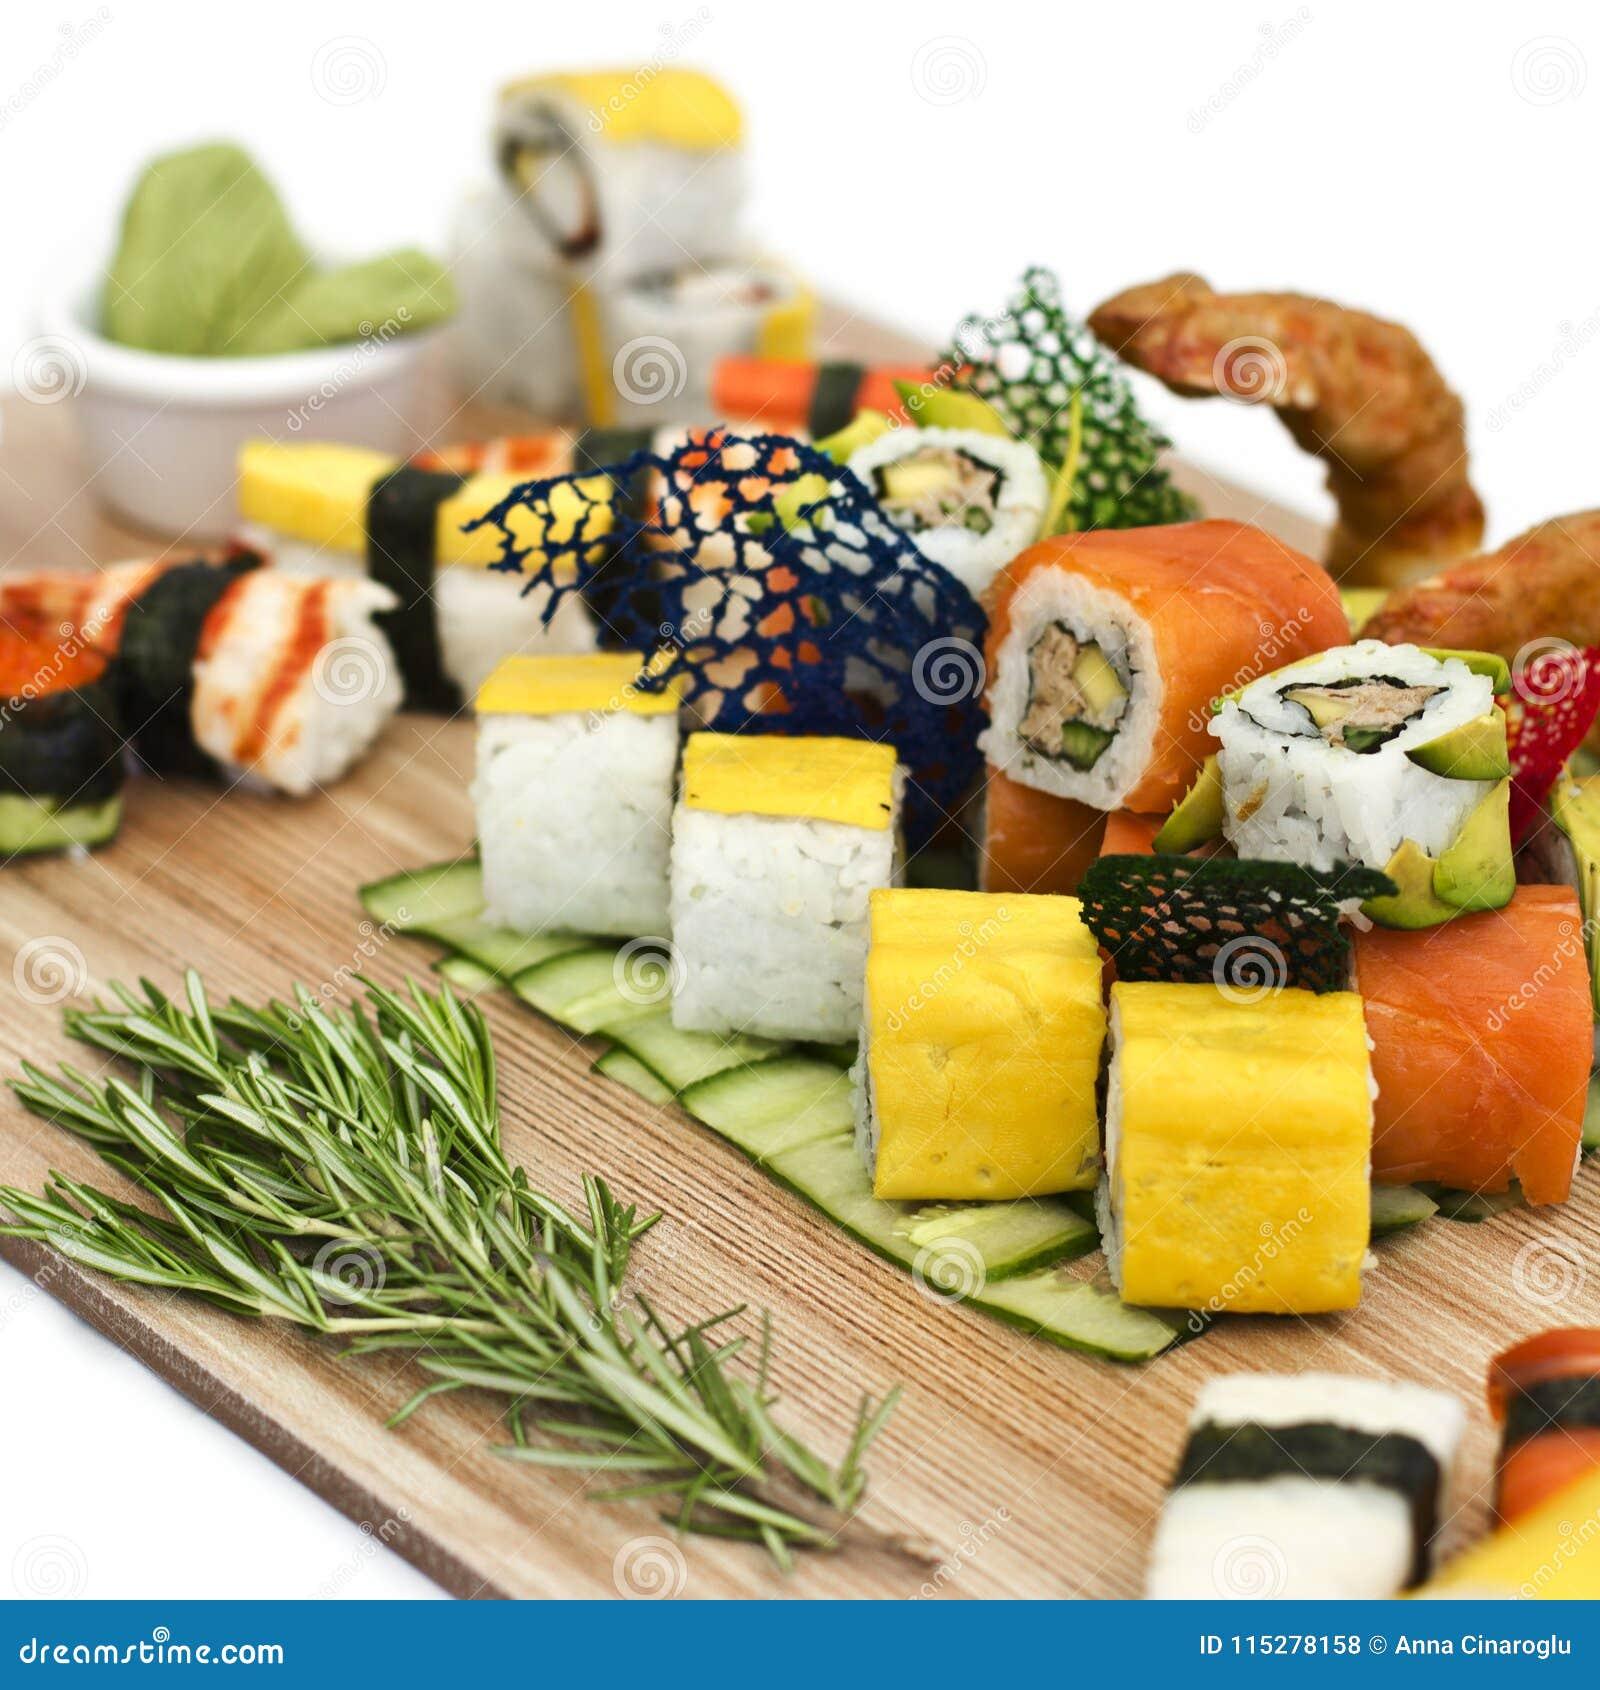 Japanisches Lebensmittel - Sushi, Sashimi, rollt auf einem hölzernen Brett isolat